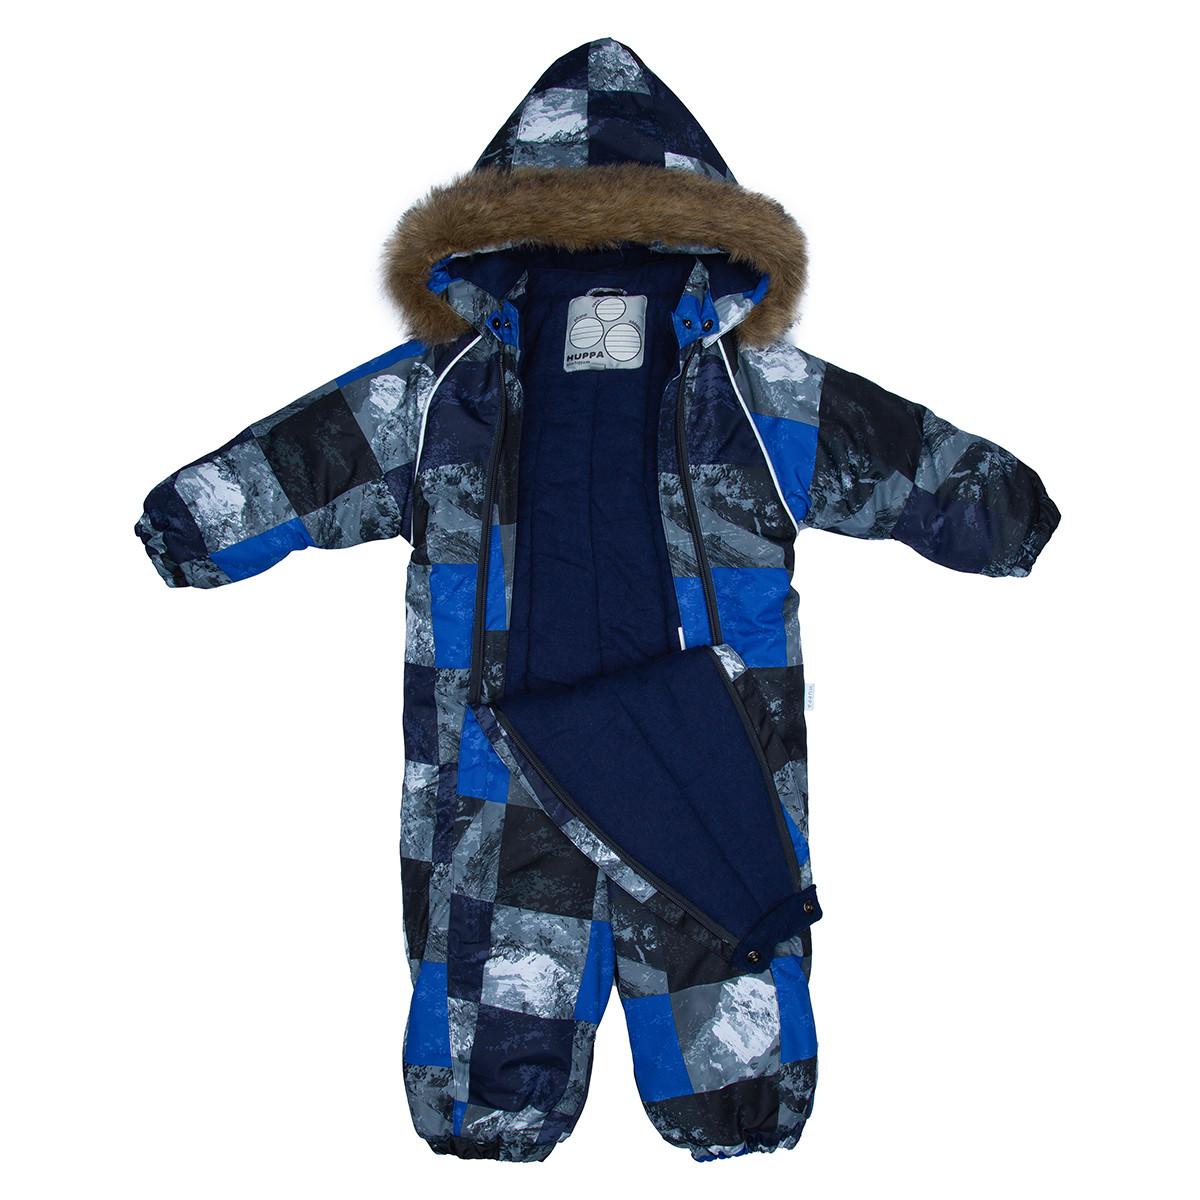 Детский комбинезон KEIRA, синий с принтом - фото 4